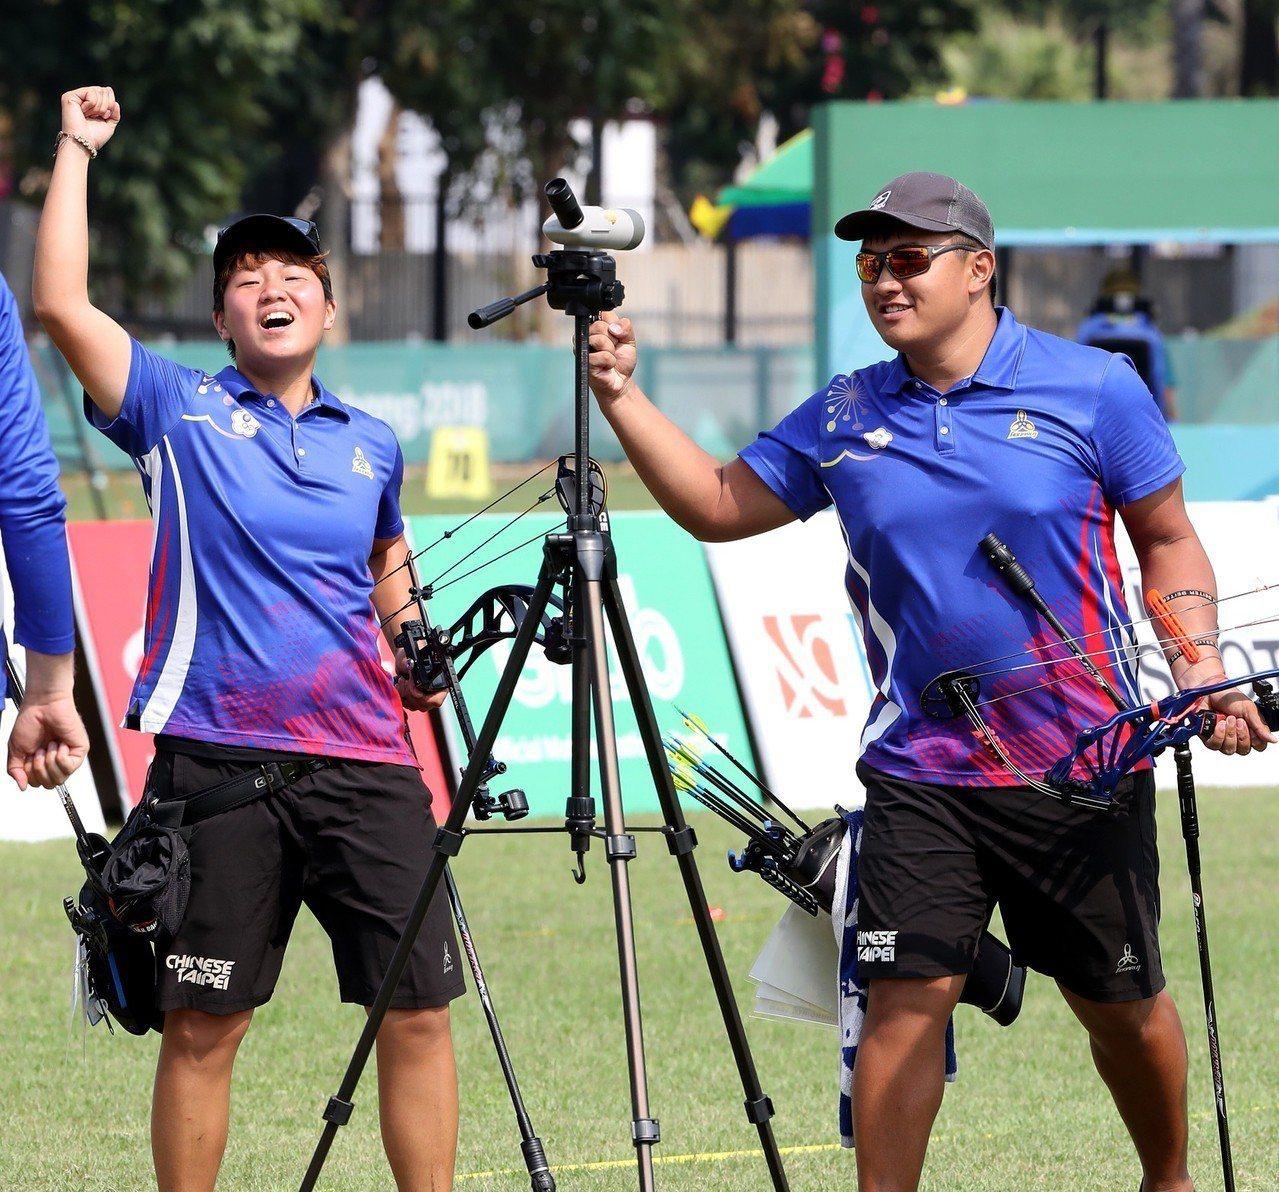 我國射箭好手陳怡瑄(左)與潘宇平(右)在雅加達亞運複合弓混雙金牌戰以1分之戰擊敗...